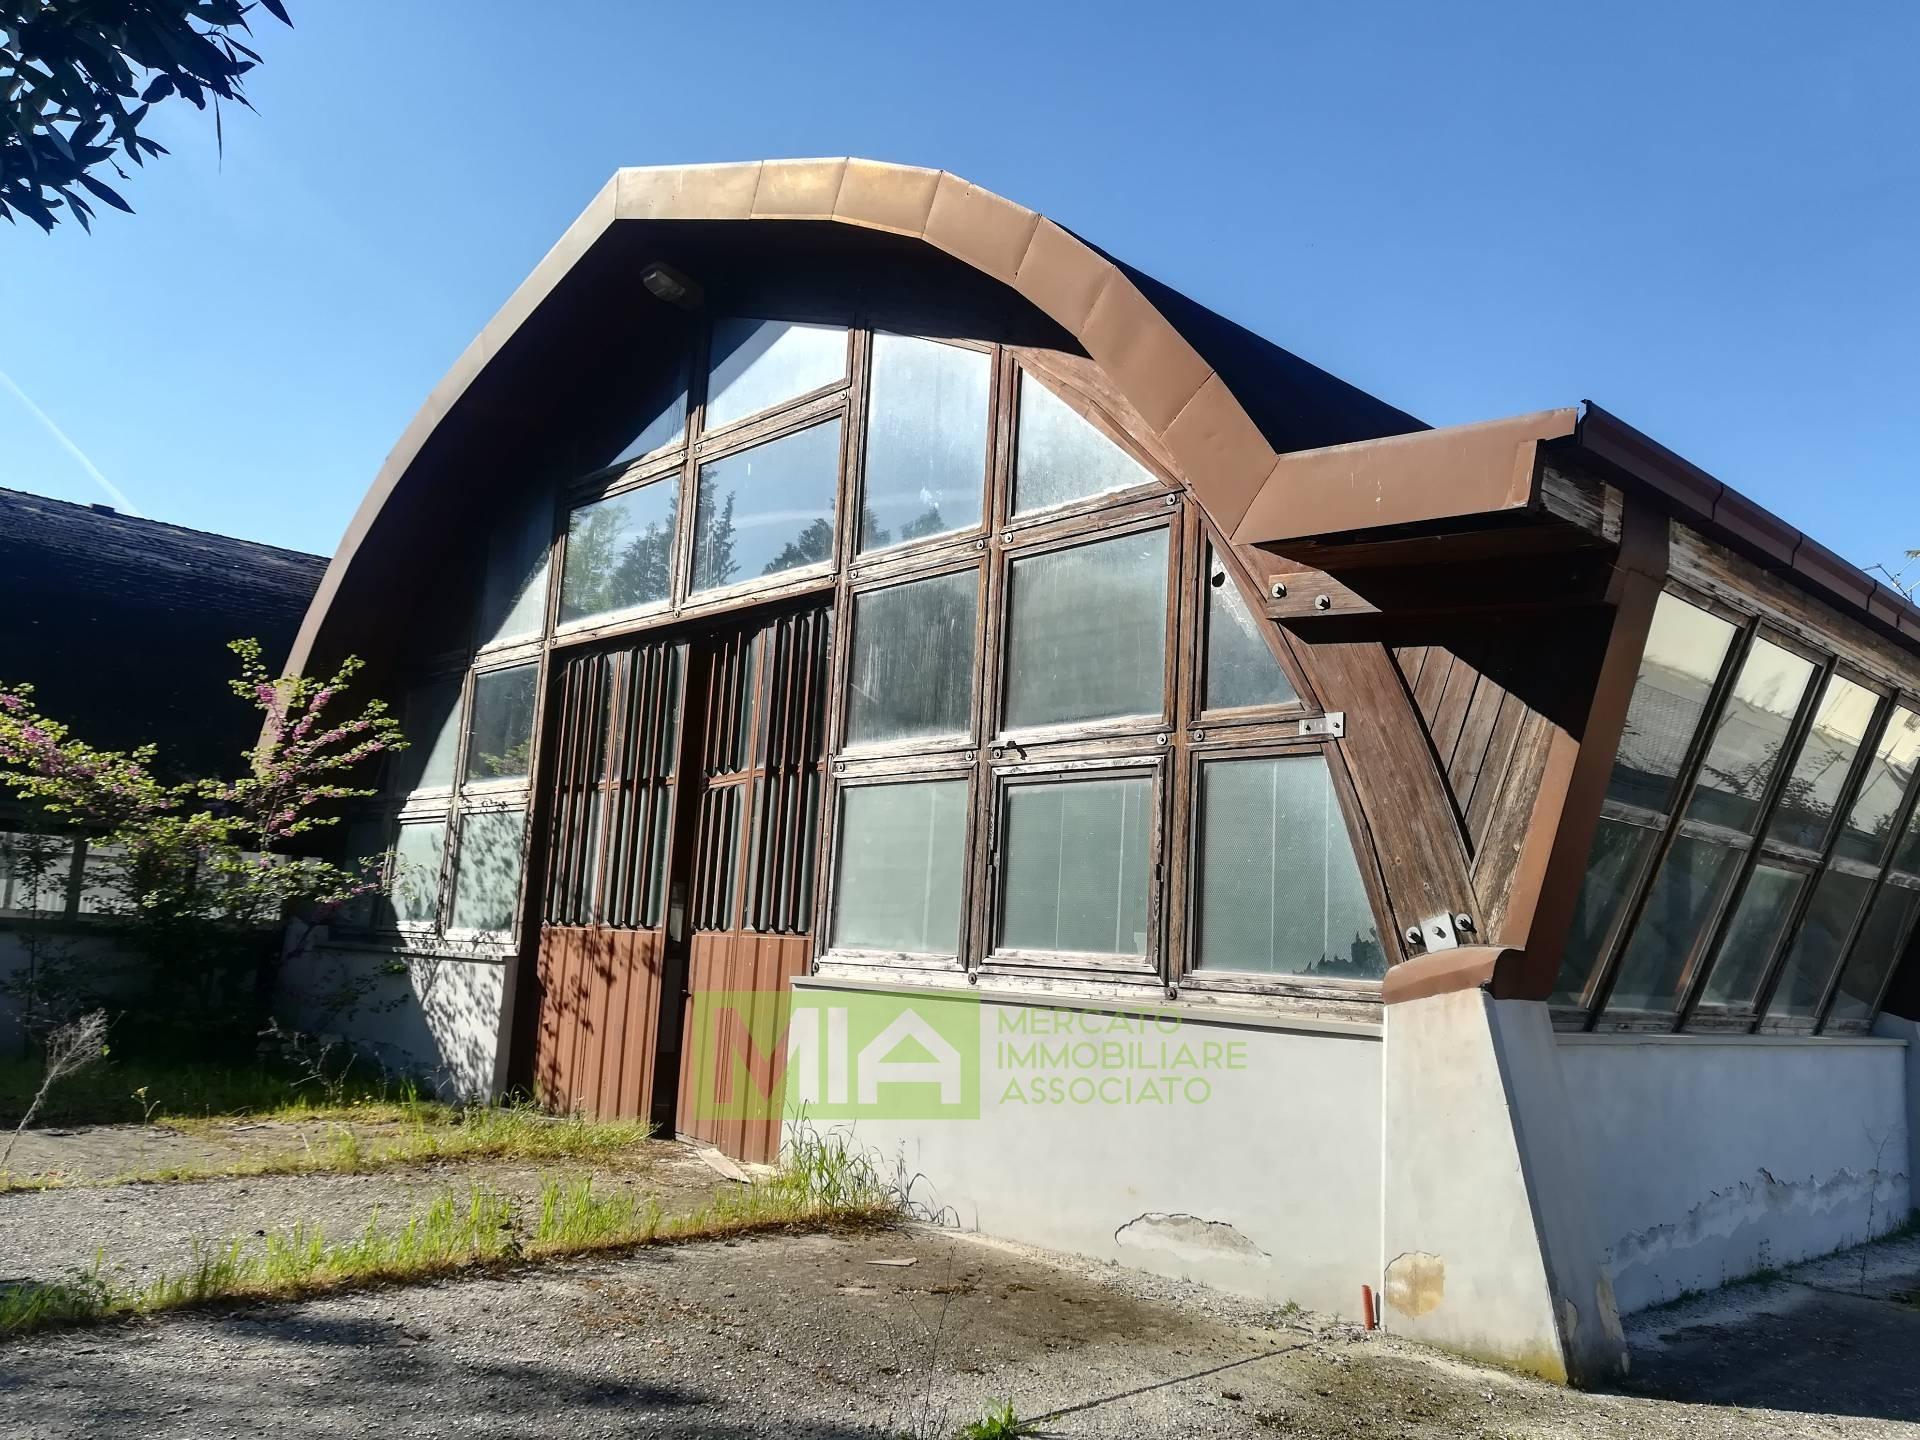 Laboratorio in vendita a Macerata, 9999 locali, prezzo € 356.500   CambioCasa.it